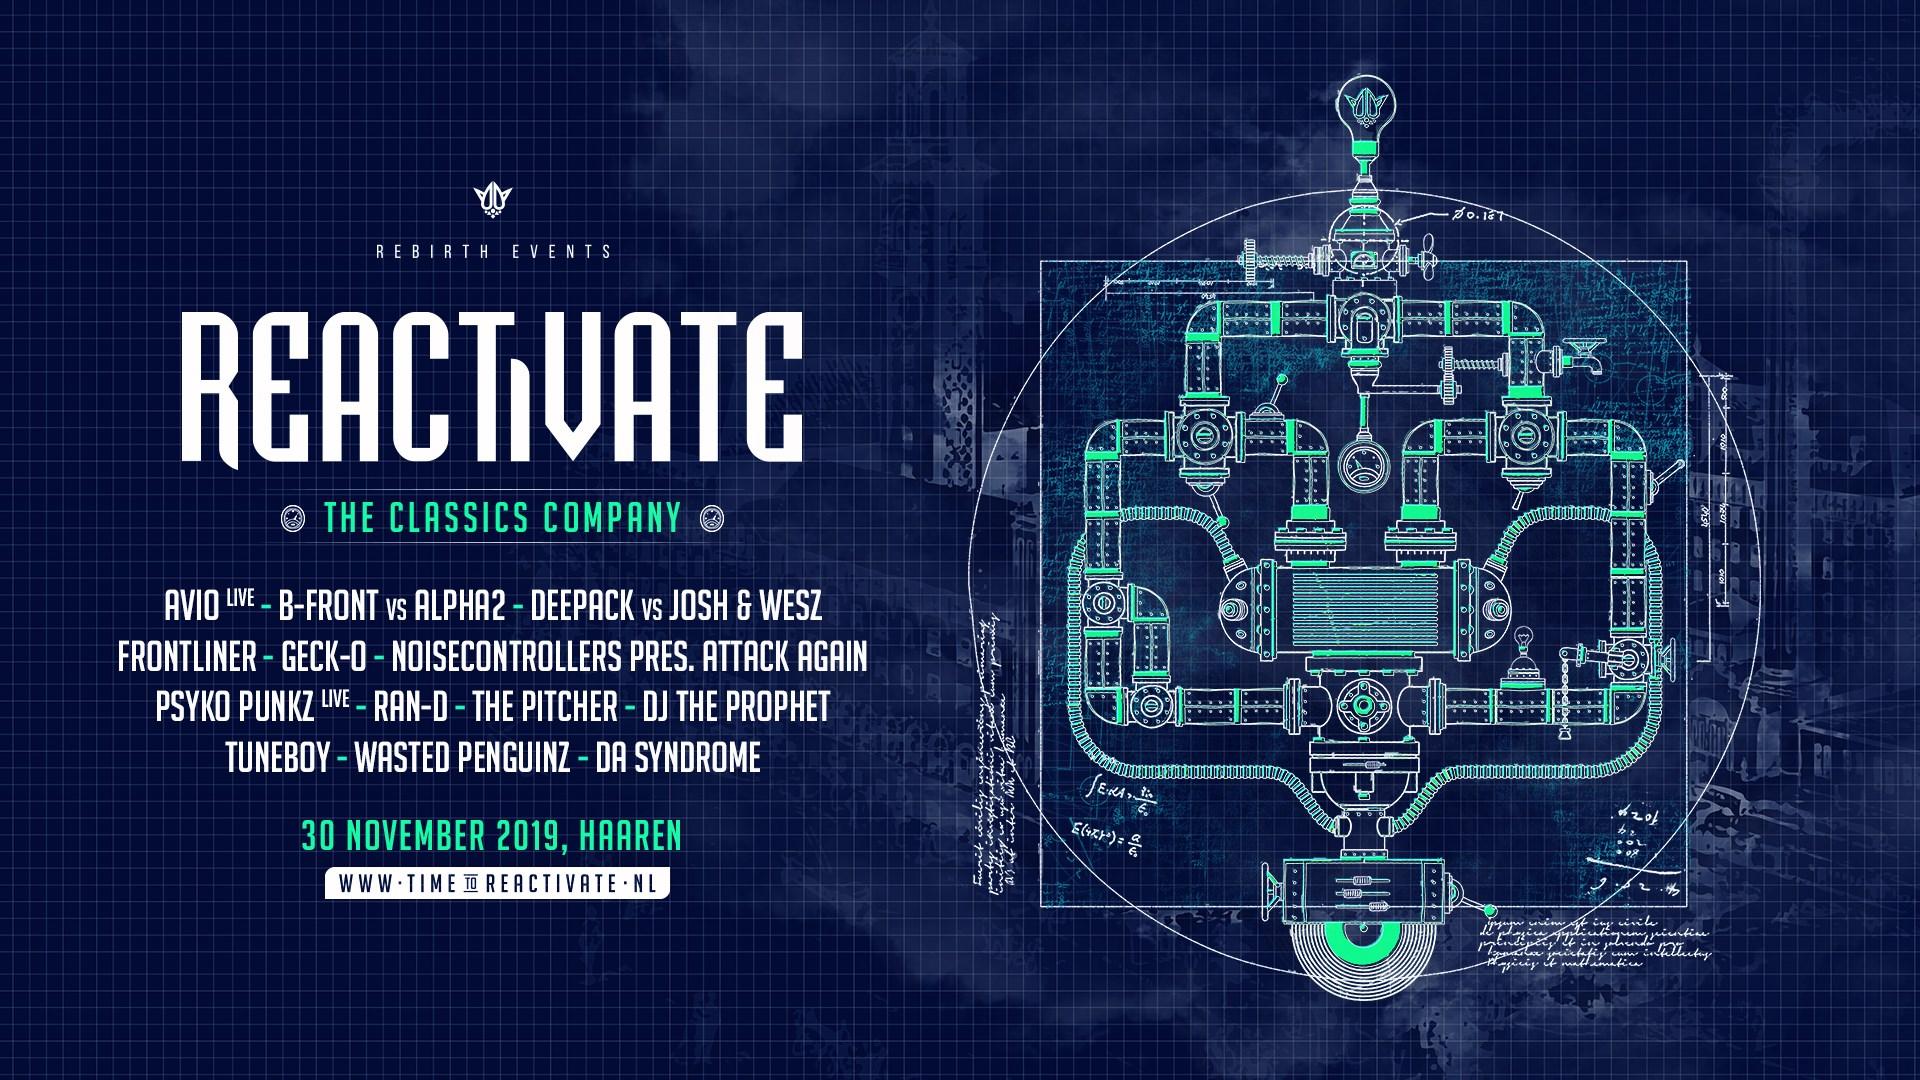 Reactivate 2019